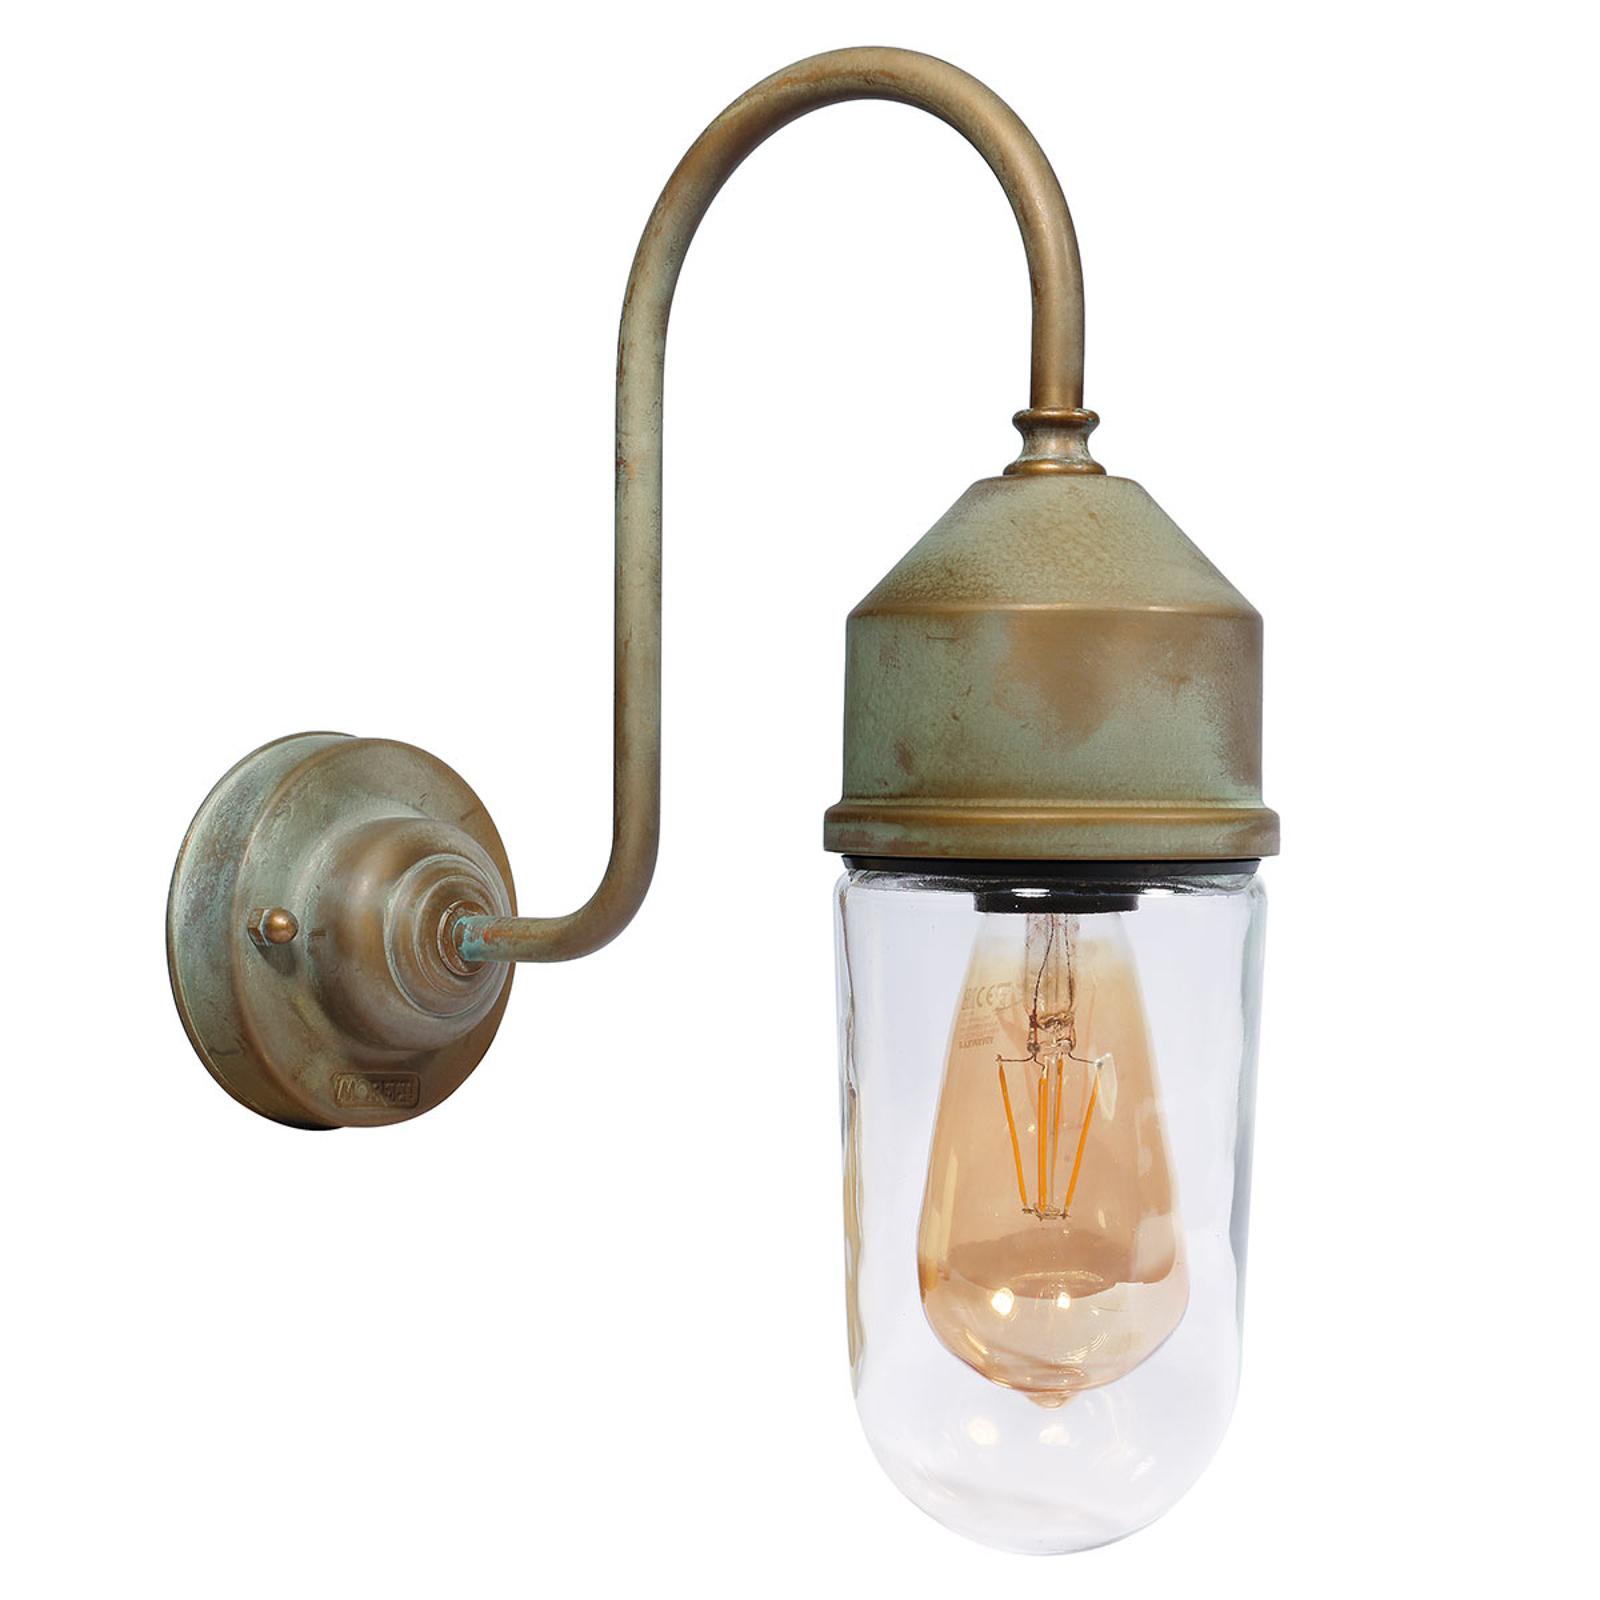 Wandlamp 1950N antiek messing, recht glas helder